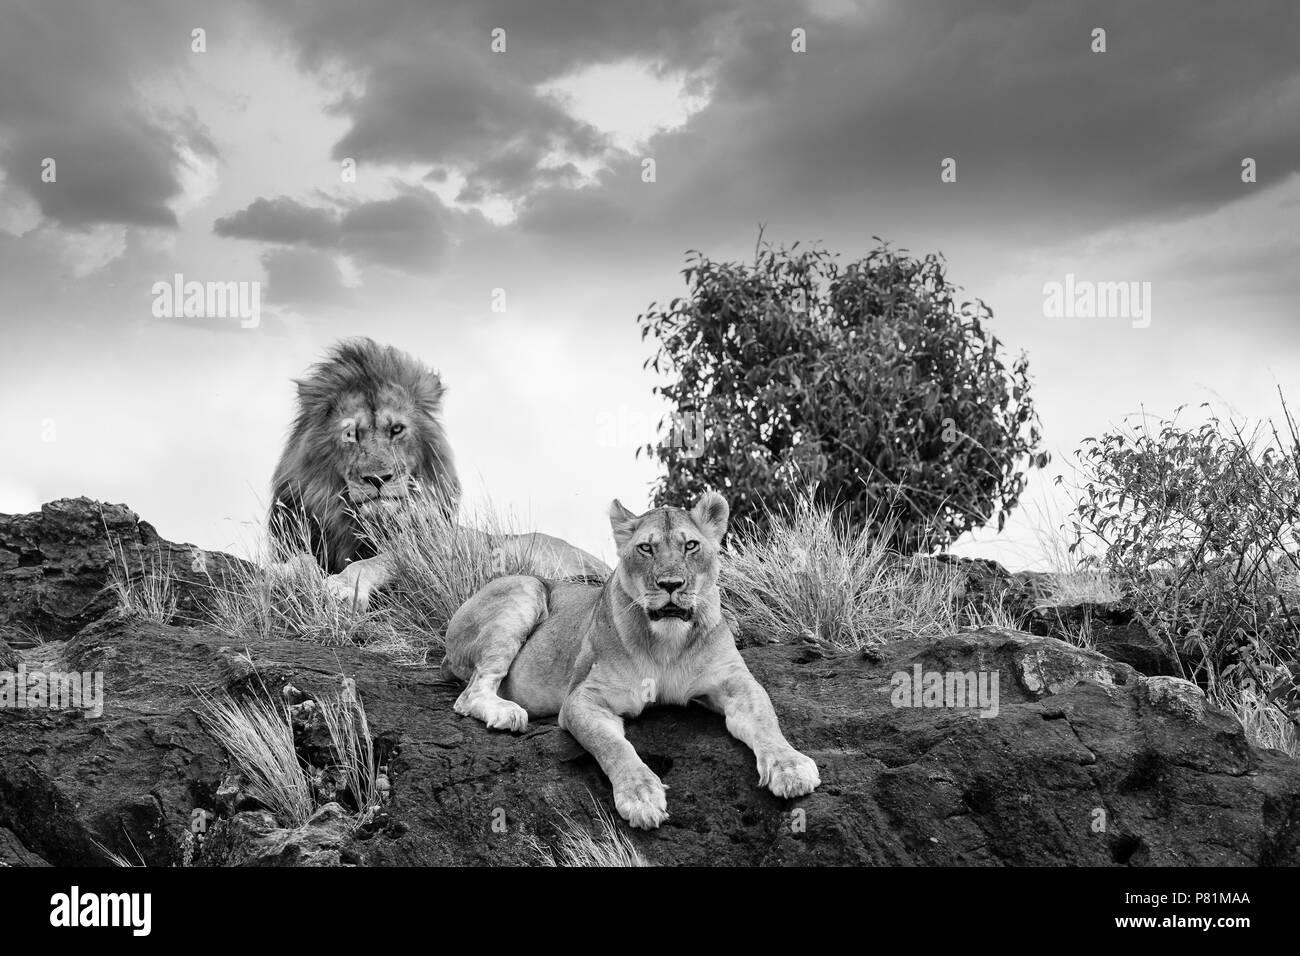 Maschio e femmina cerca lions intimidatorio e paura in appoggio su una roccia nel deserto Masai Mara Kenya Immagini Stock